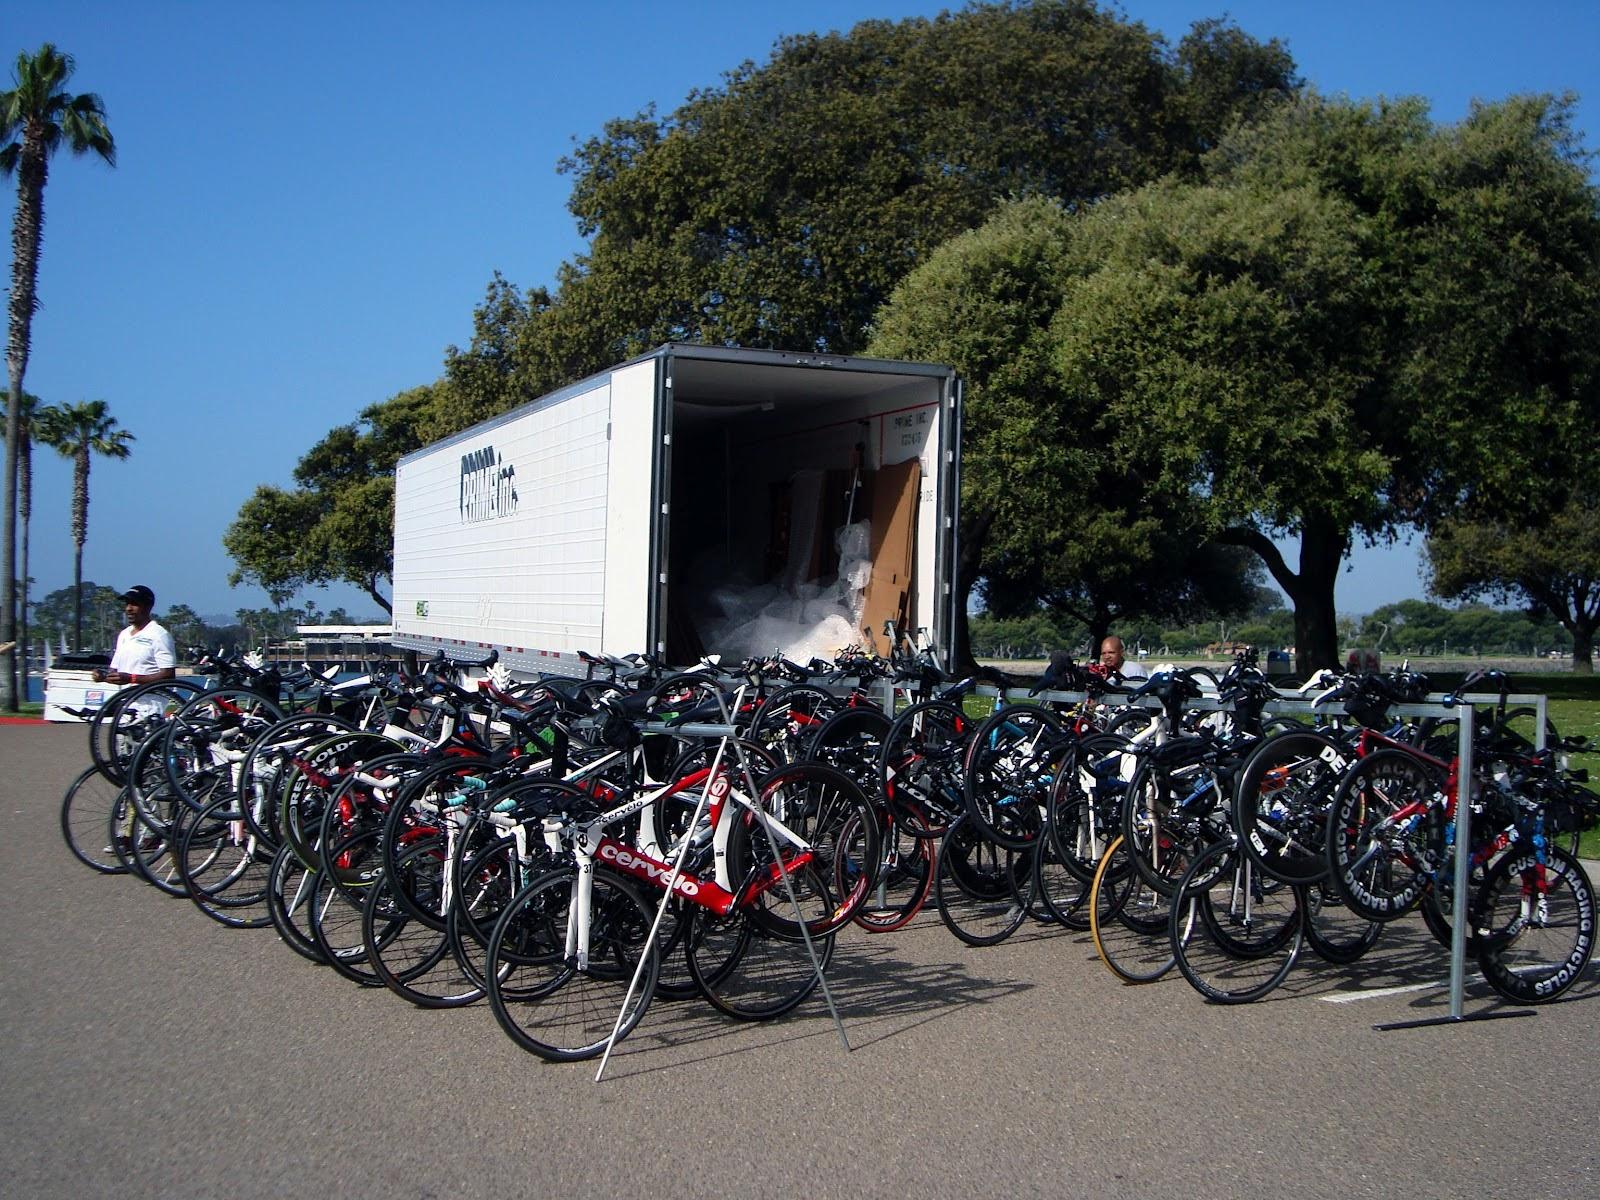 http://3.bp.blogspot.com/-BKFV8hPL-f8/T7_3oadMC8I/AAAAAAAAAFI/3Lw4TQrJGtc/s1600/bike+count.jpg